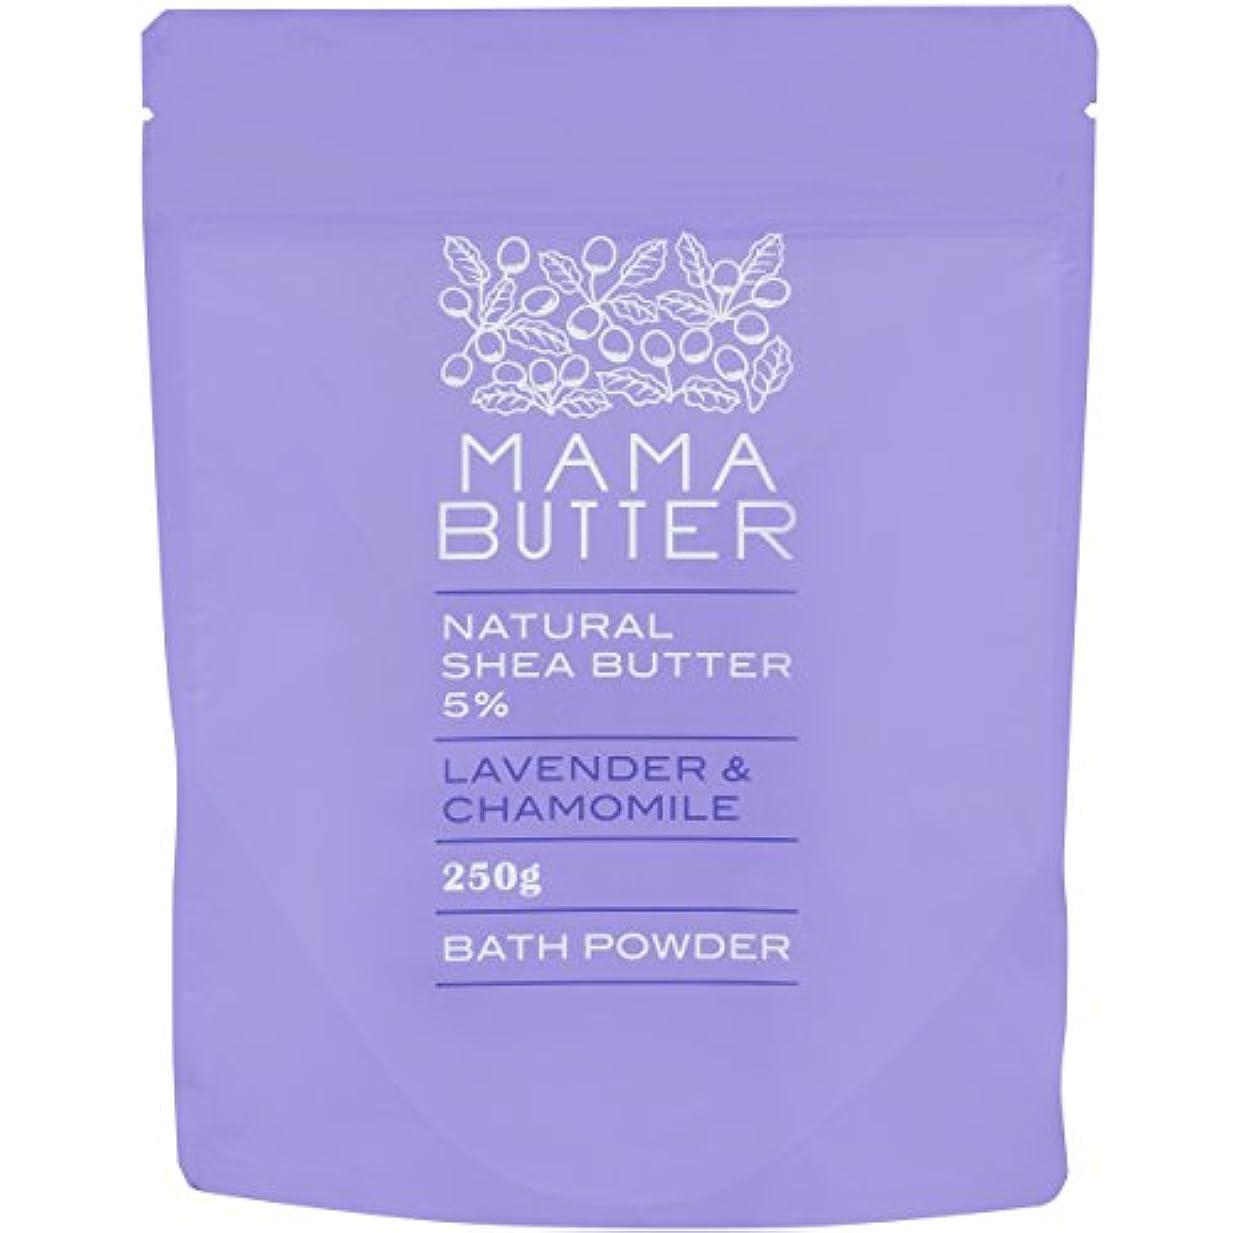 忍耐笑不名誉なママバター ナチュラル バスパウダー ラベンダー&カモミールの香り 250g